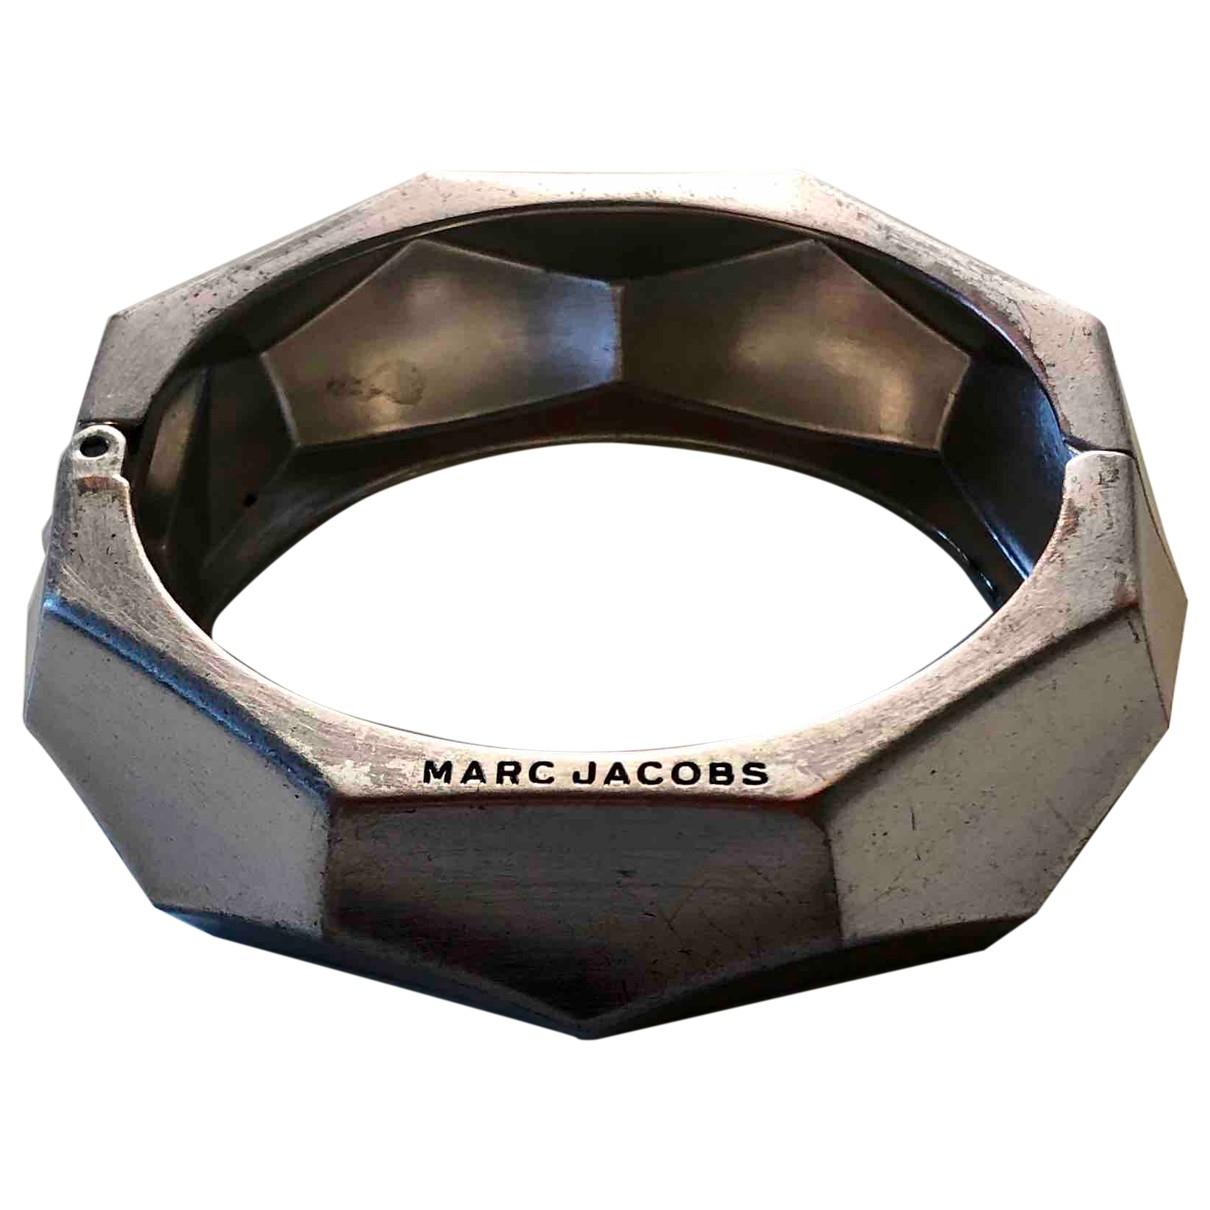 Marc Jacobs - Bracelet   pour femme en metal - argente